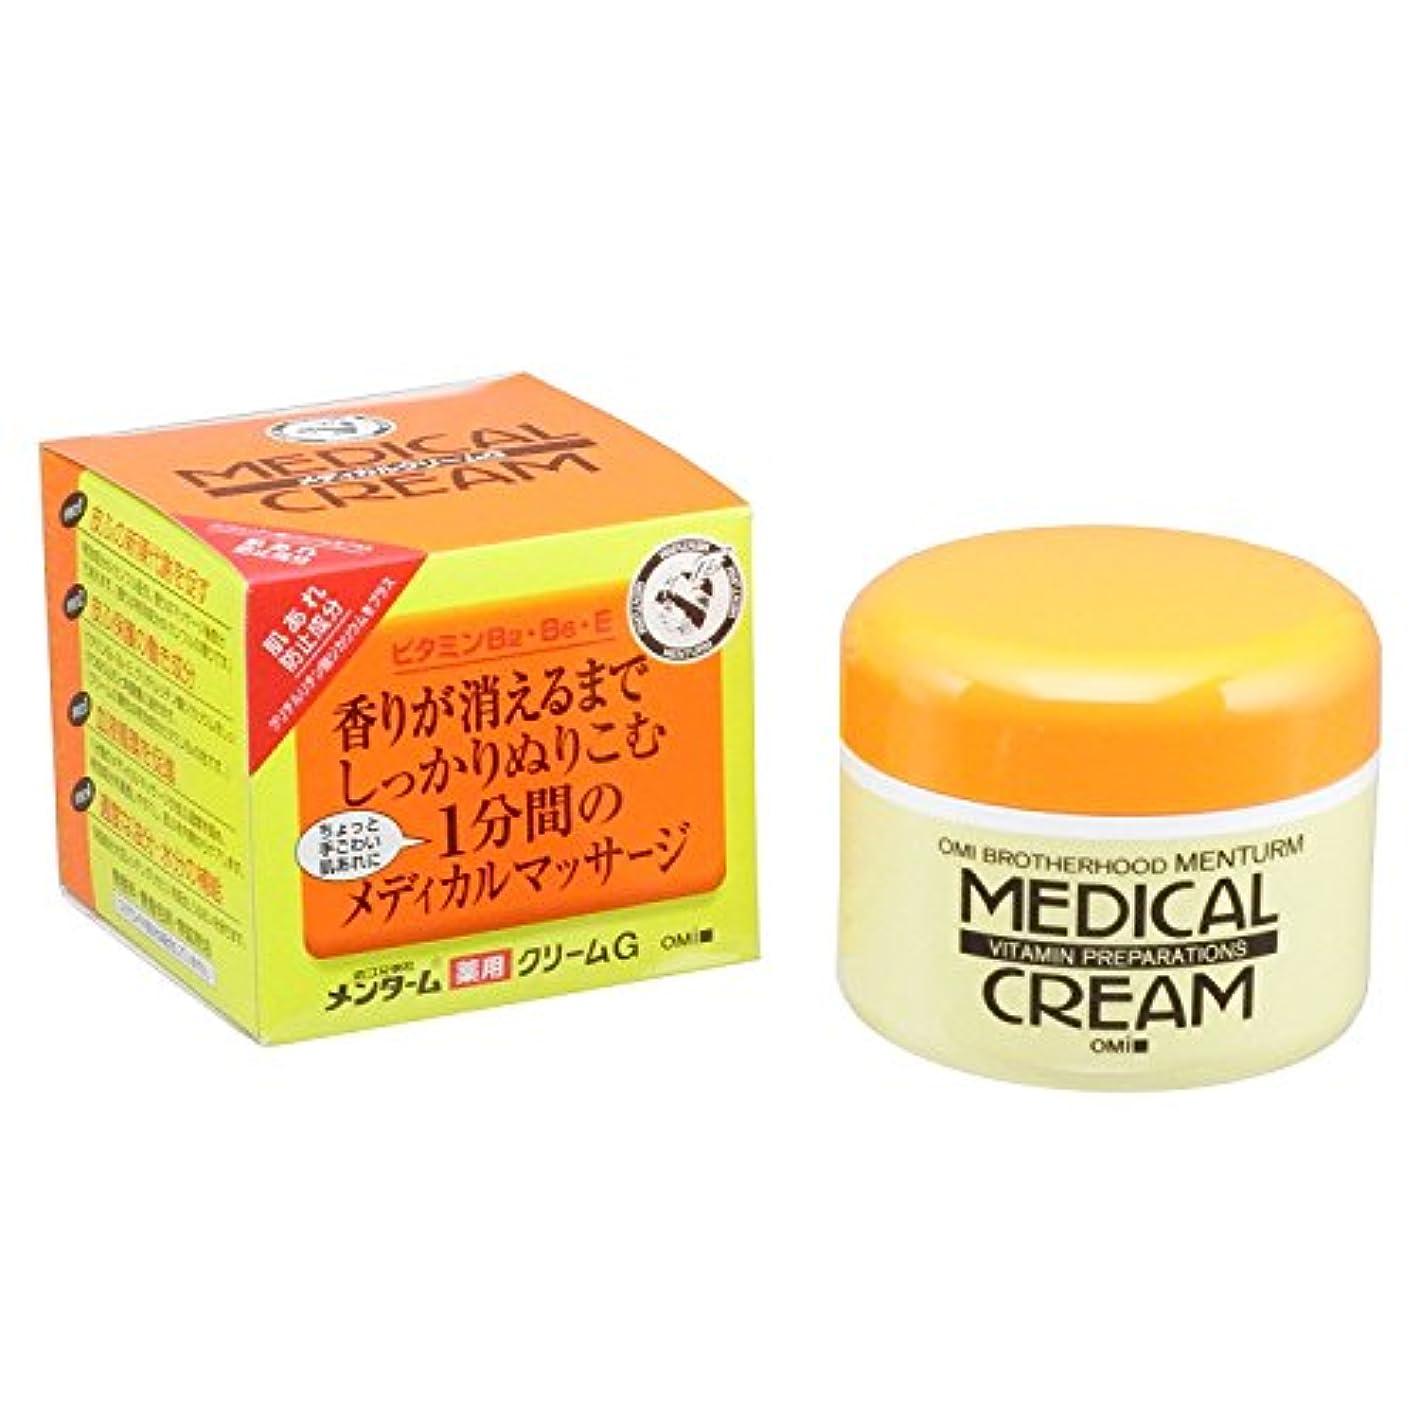 不規則性あえぎ完全に乾くメンターム薬用メディカルクリームG145g